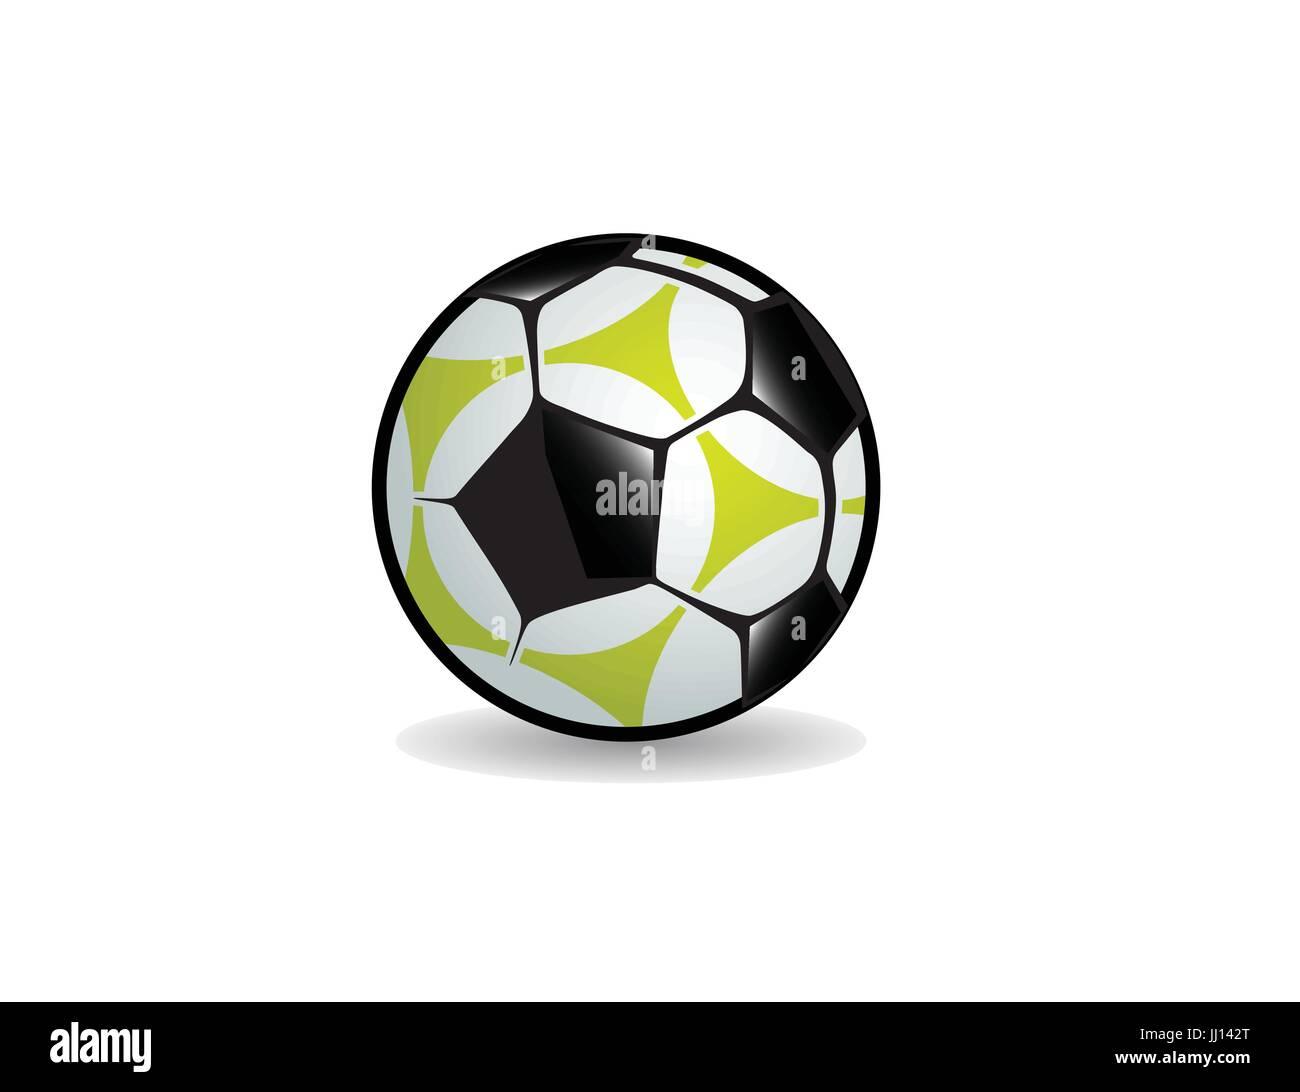 Amerikanischer Fussball Europaischen Fussball Wm Pro Ball